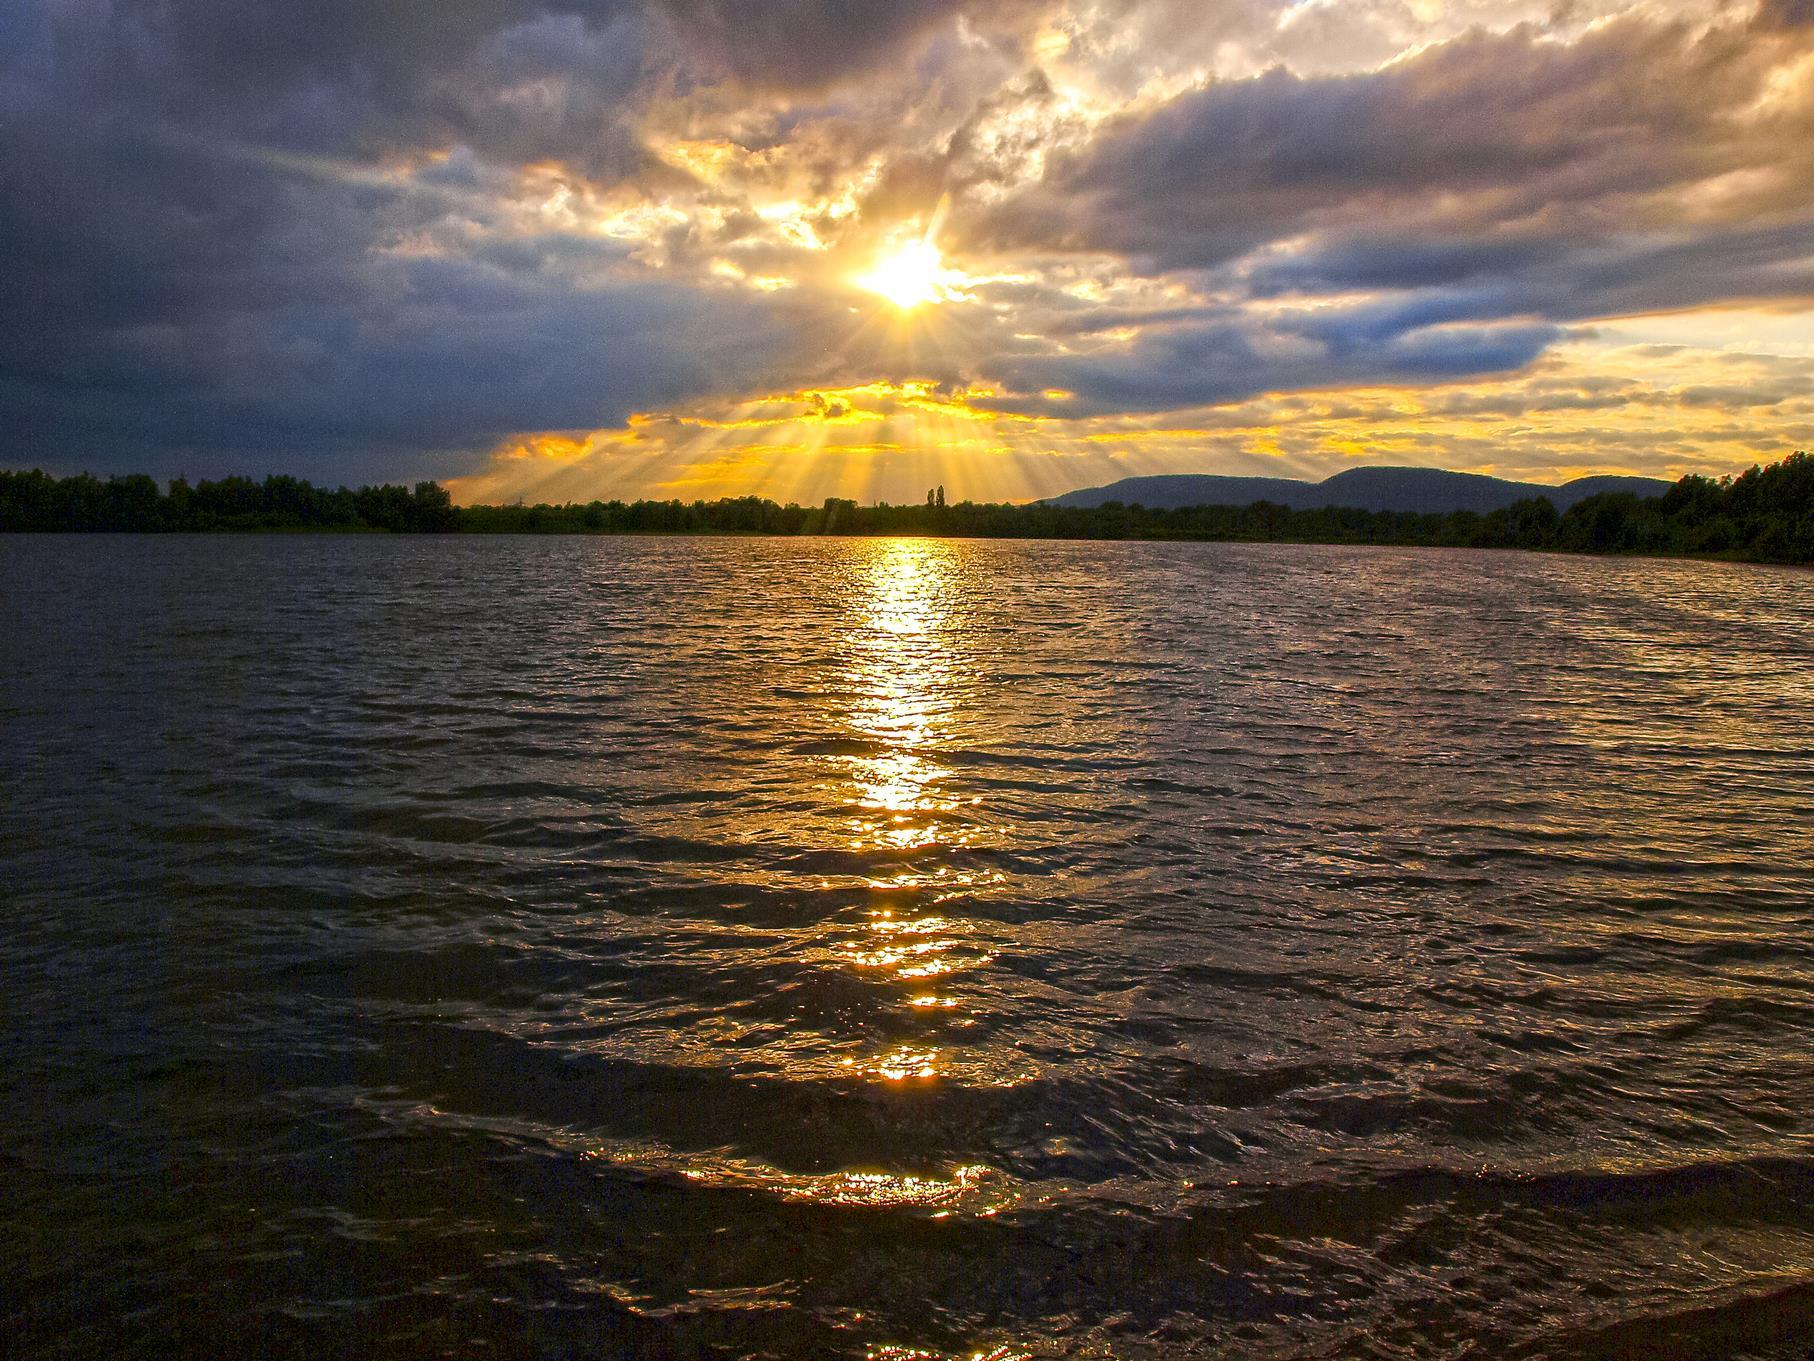 Sonnenstrahlen und Wolken über dem mittleren Teich.